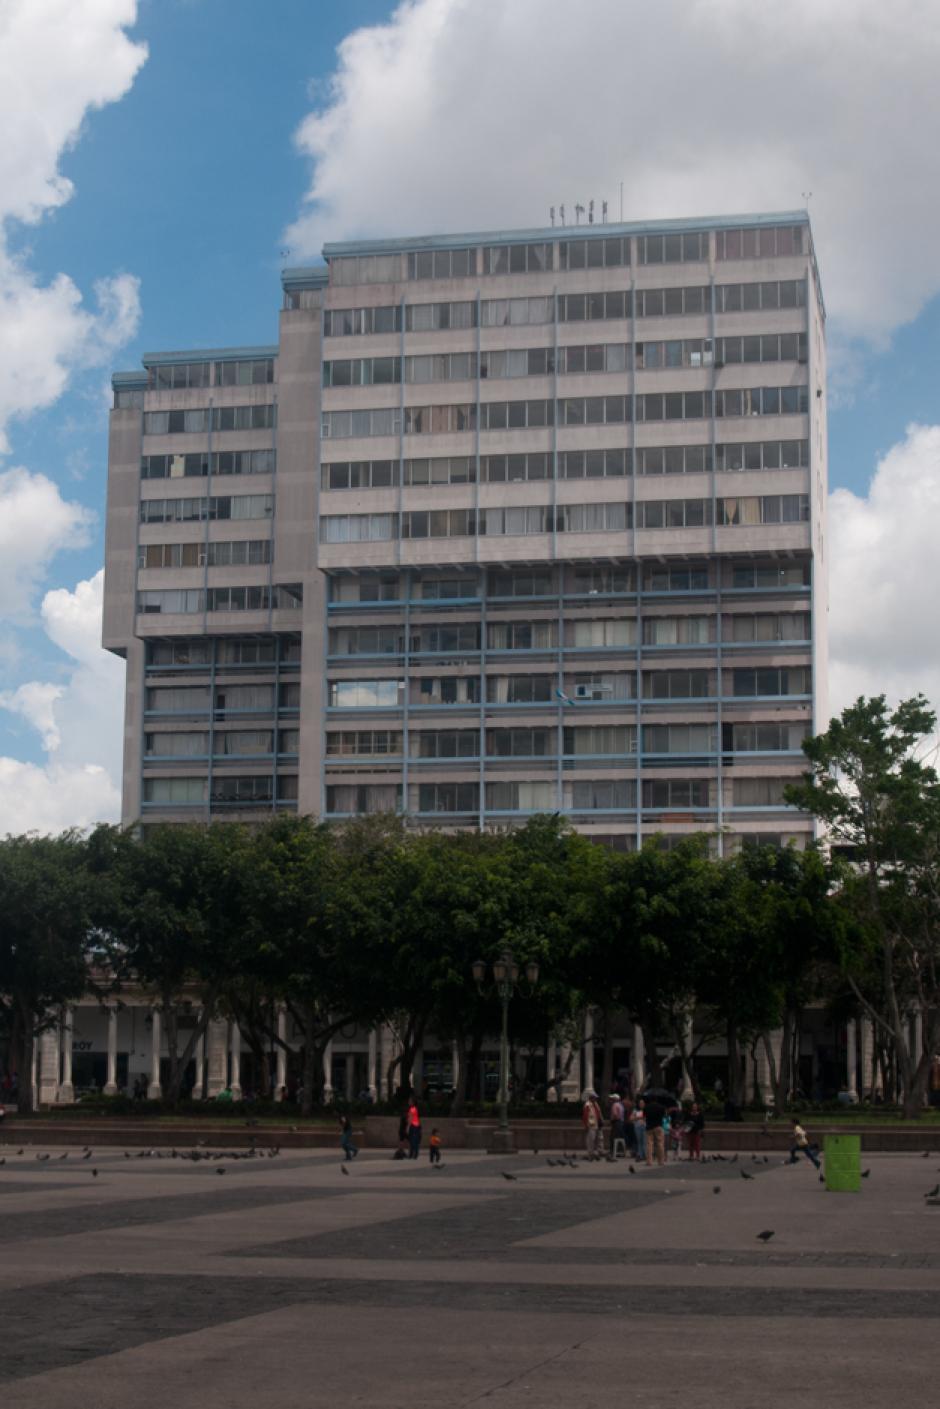 Juan Carlos Monzón, reveló que apartamento del edificio El Centro se utilizó como bodega desde 2013. (Foto: Alejandro Balán/Soy502)